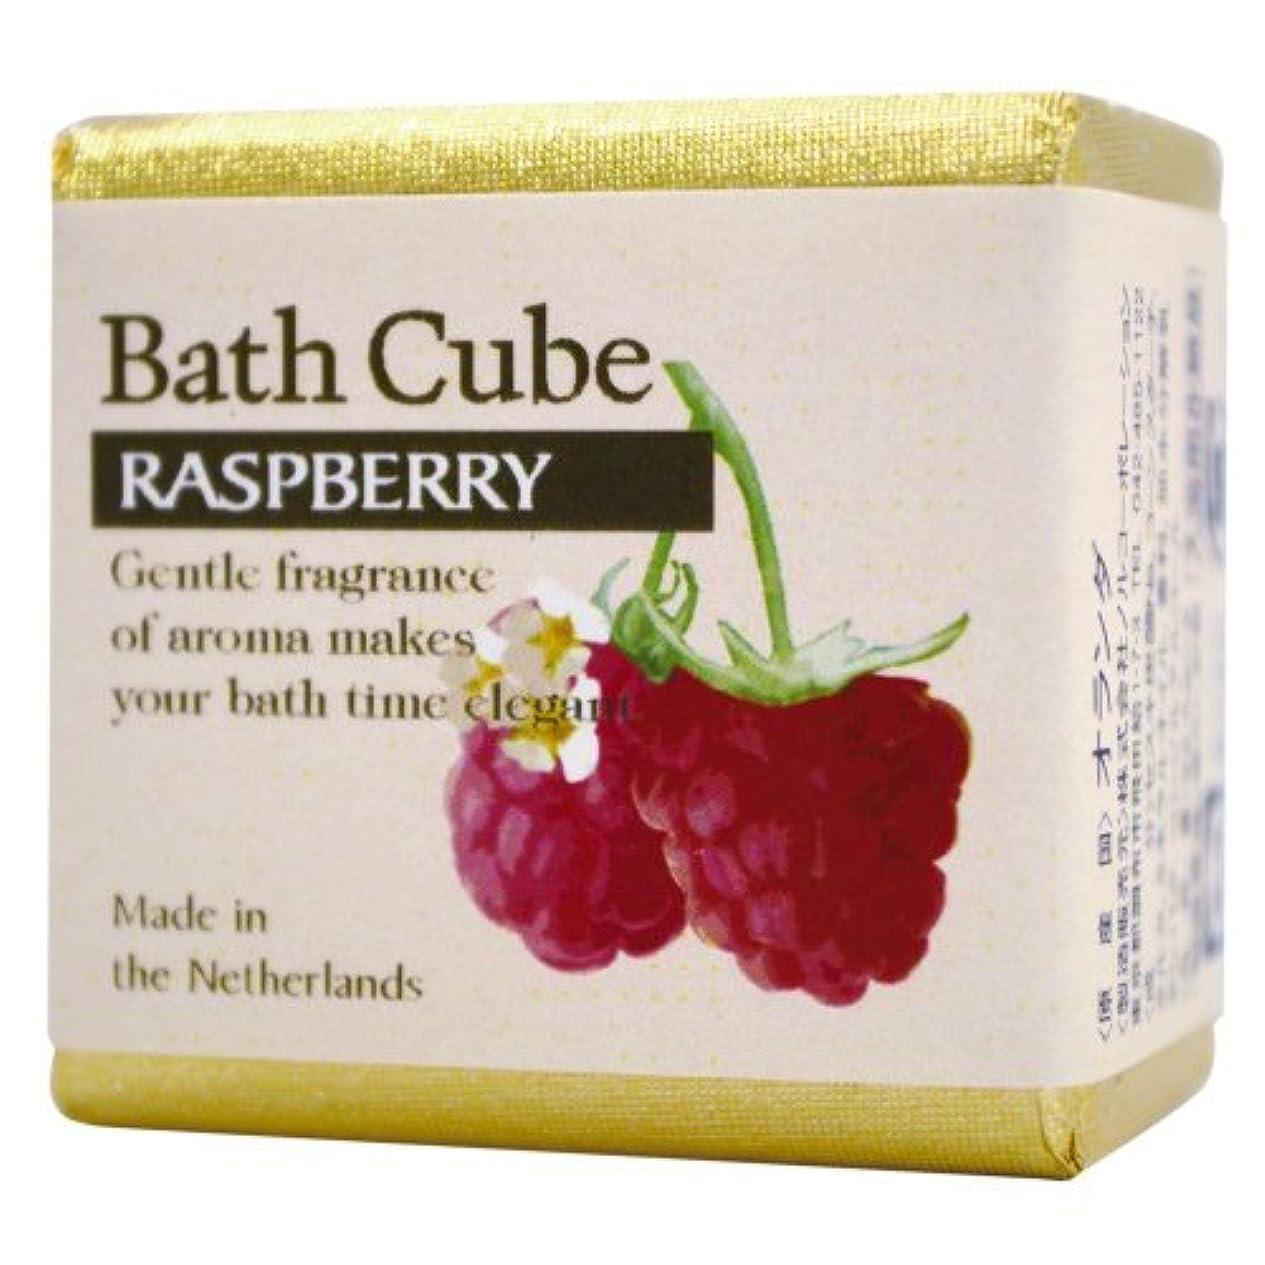 広範囲にできるアラブフレグランスバスキューブ ラズベリー 12個入 摘みたてのジューシーな香り